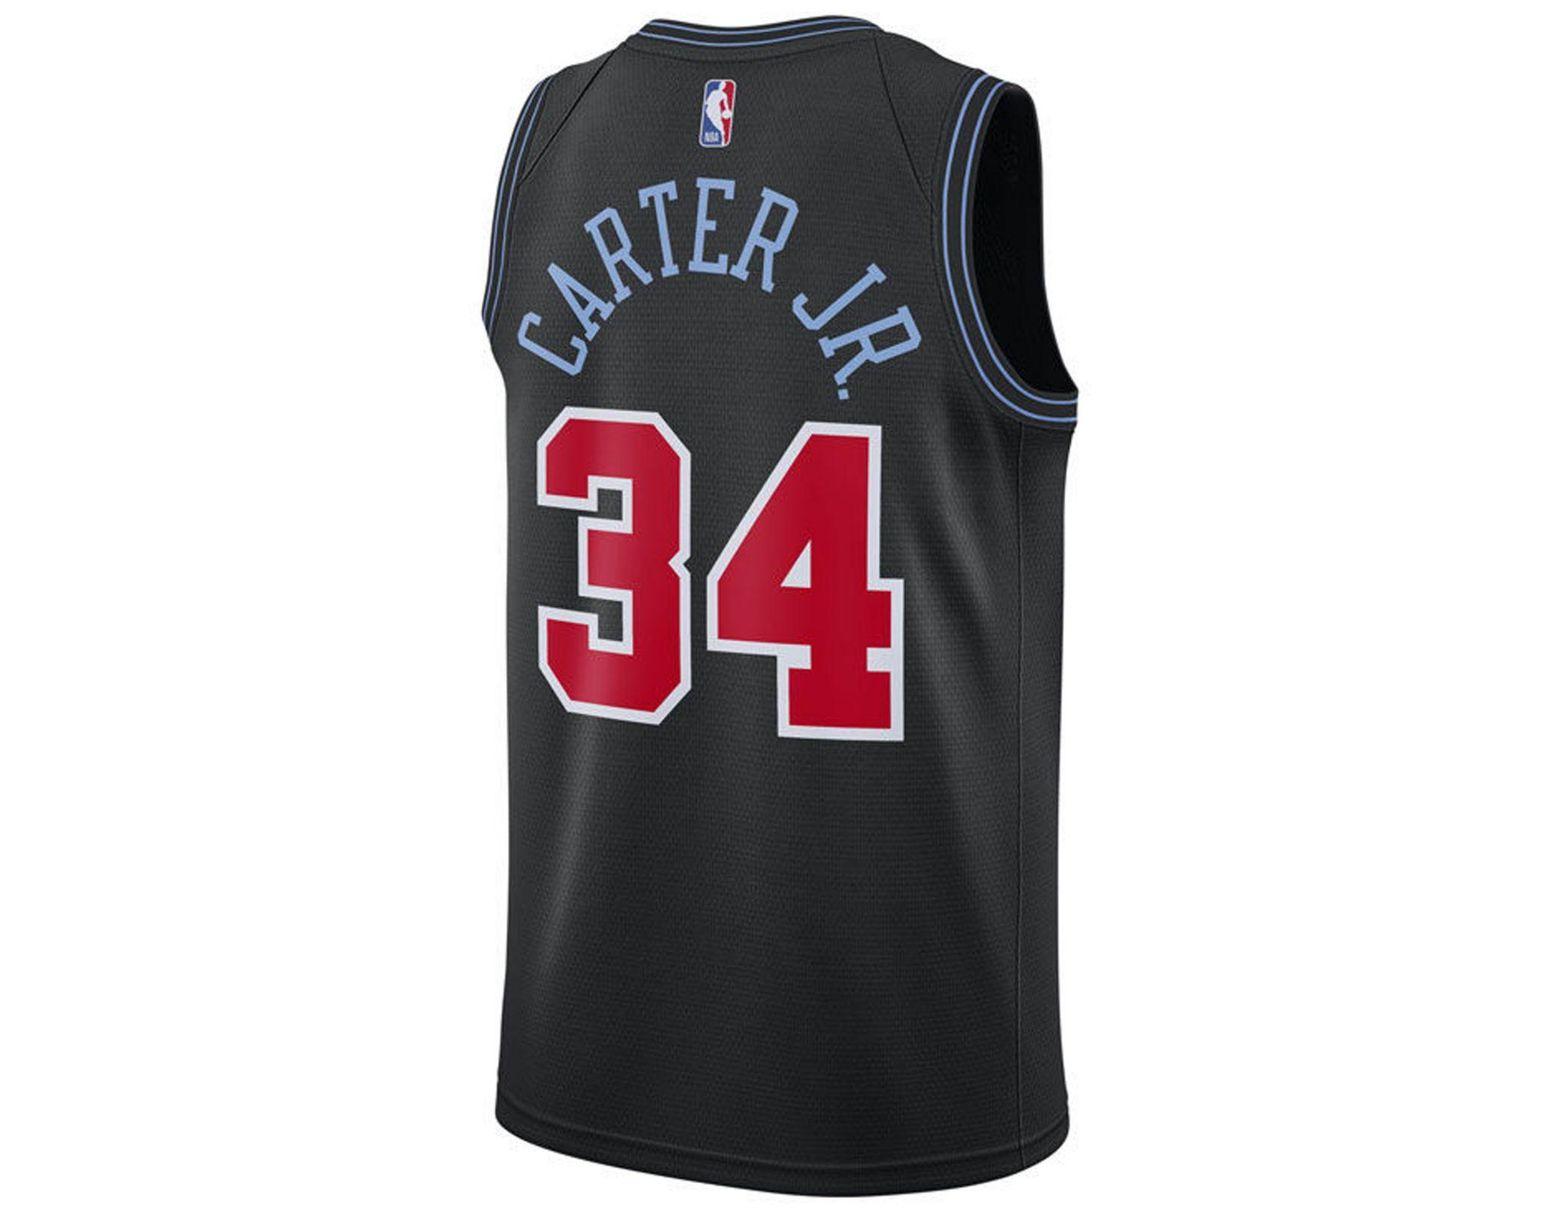 793f33320e2 Nike Wendell Carter Jr. Chicago Bulls City Swingman Jersey 2018 in Black  for Men - Save 27% - Lyst